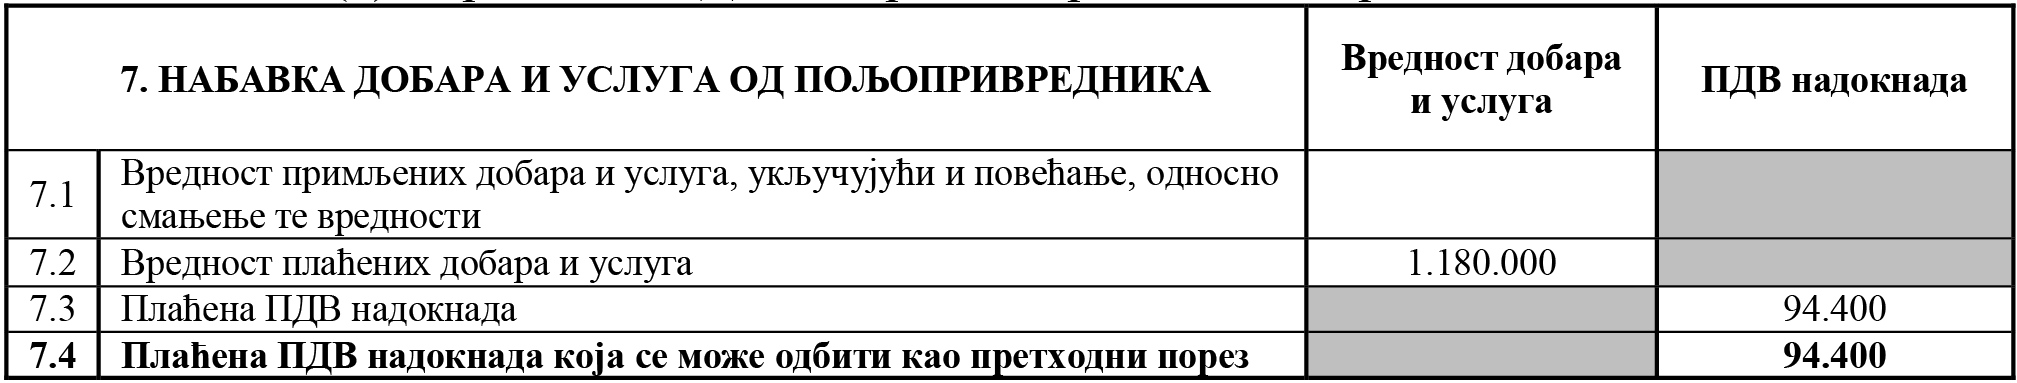 uputstvo PU obrazac POPDV primer 85 - 2